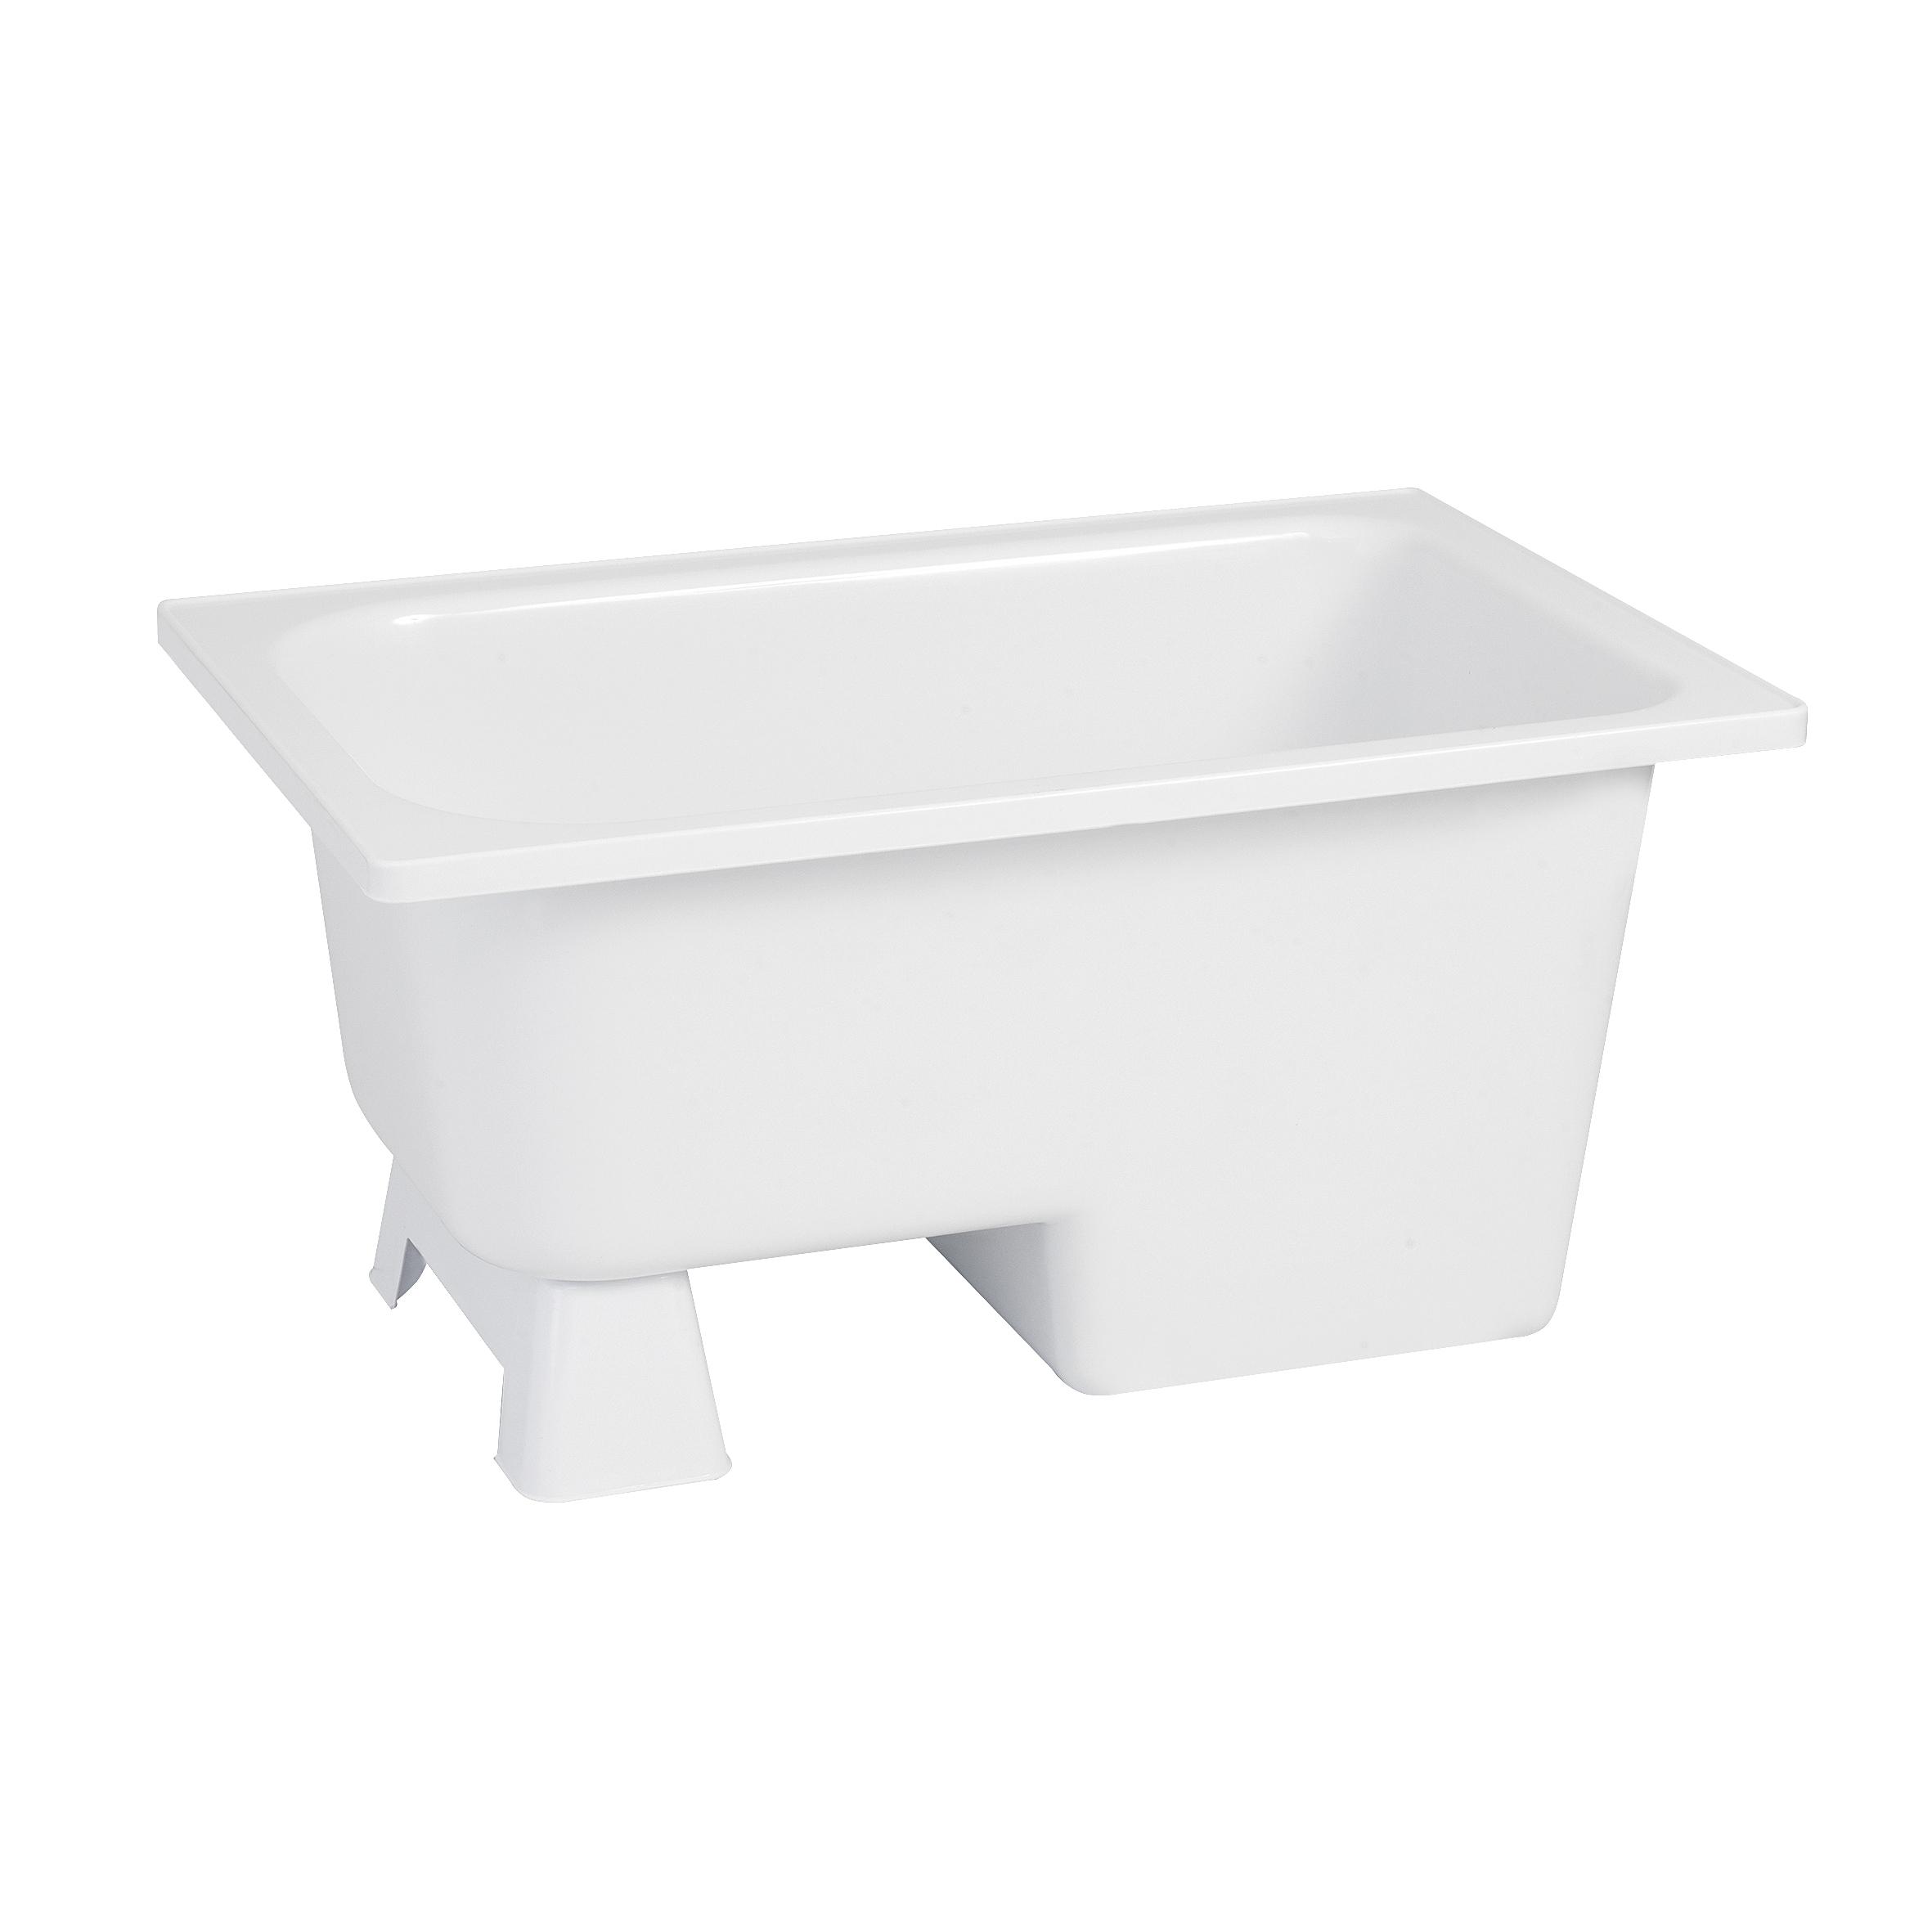 Mueller Marinda zitbad 105x65x52 wit